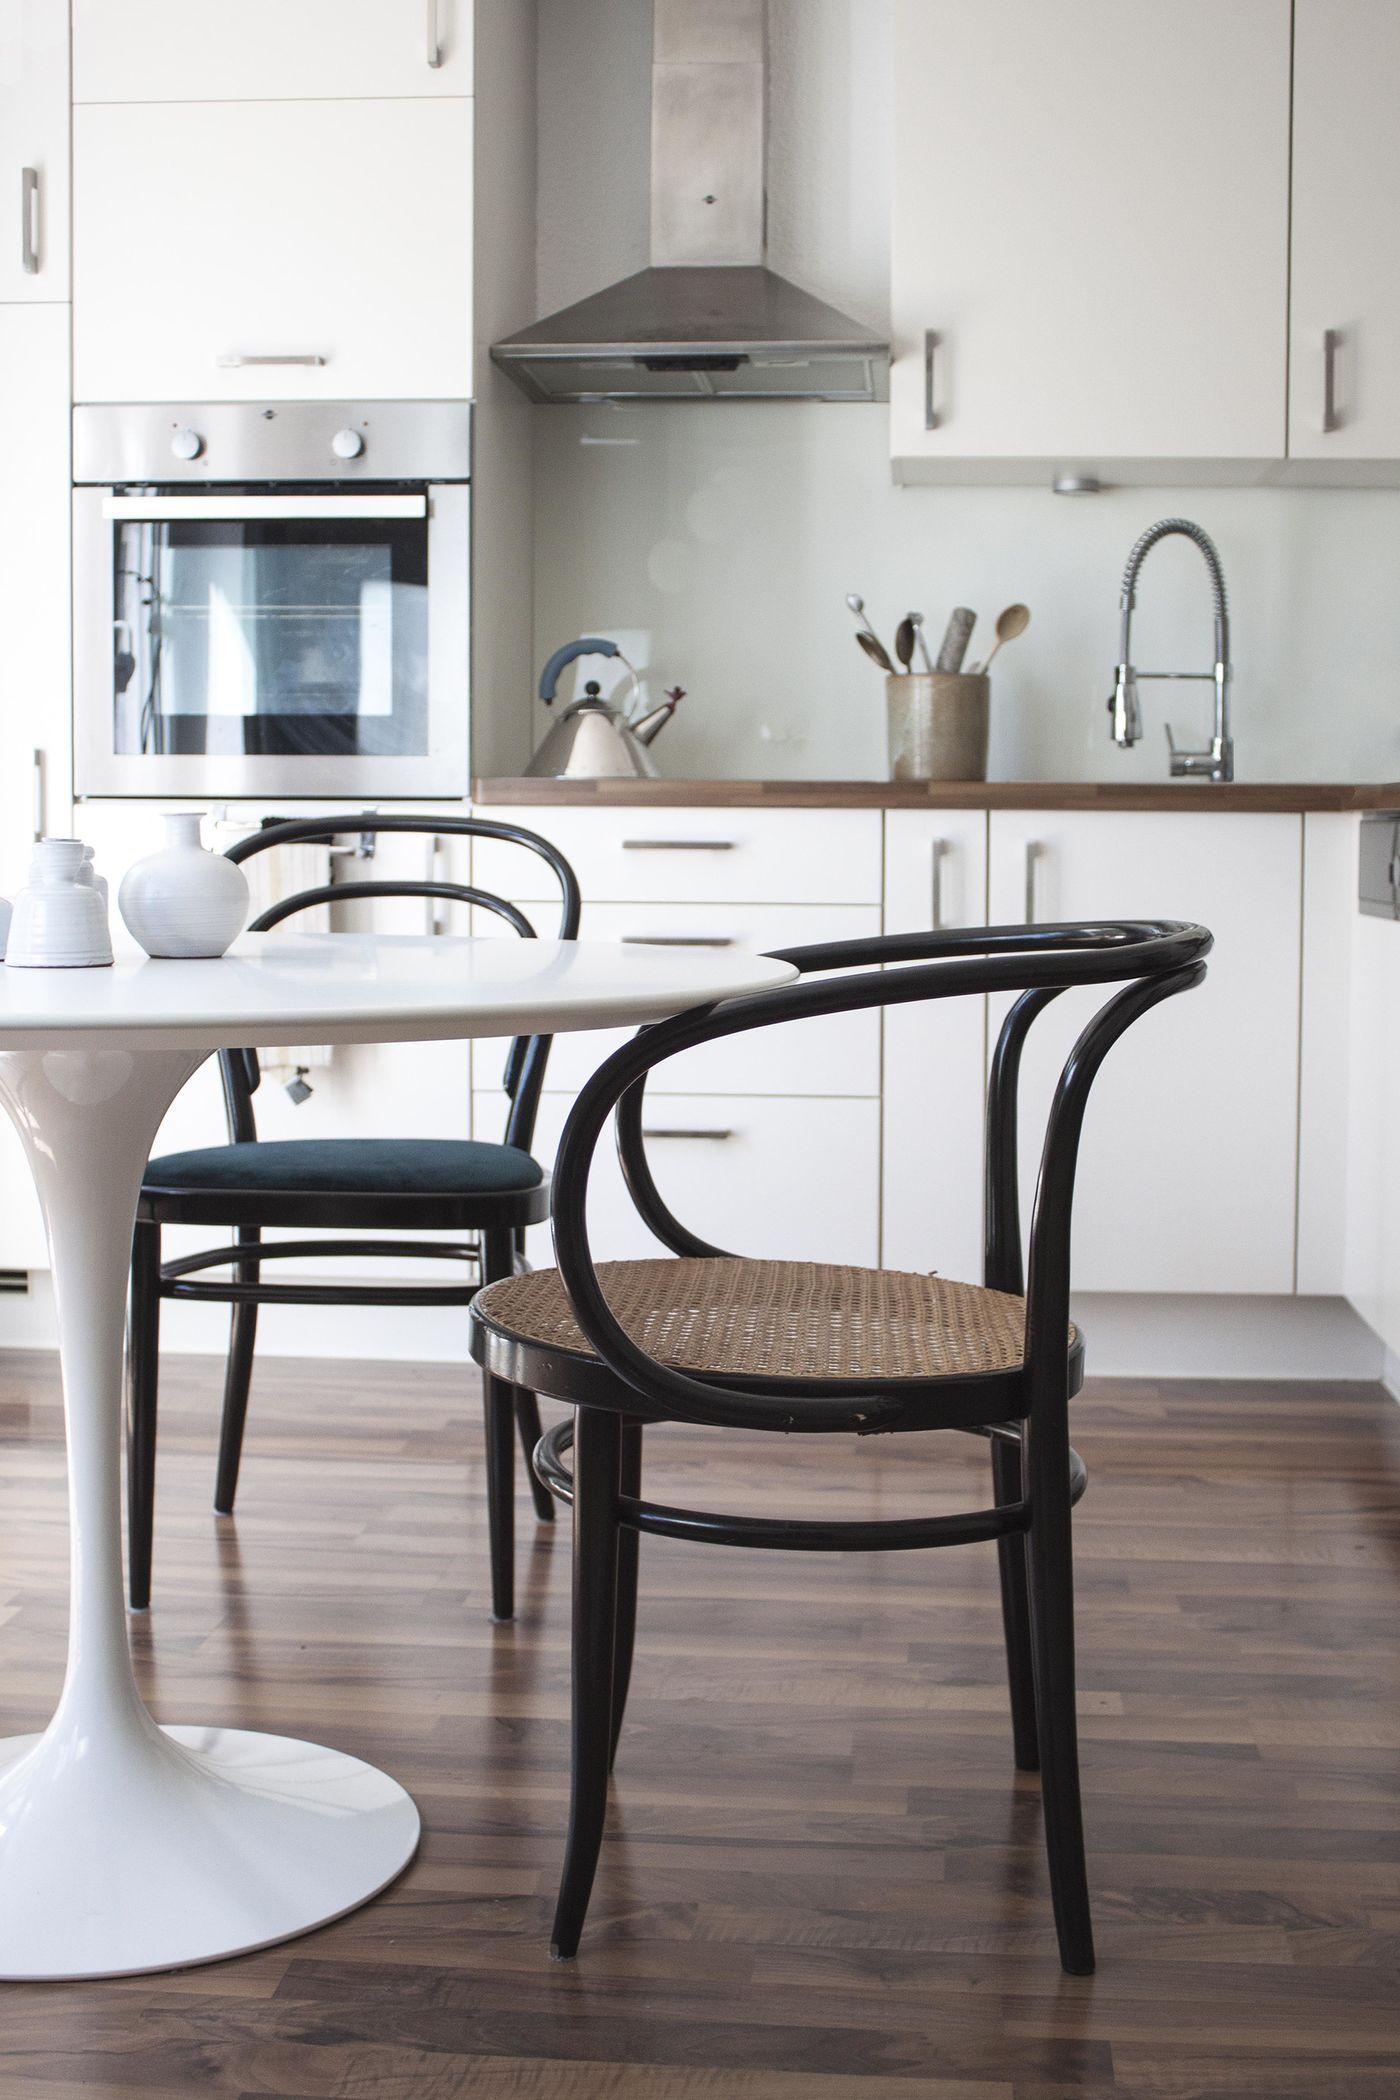 Gemütlich Lässige Küche Stühle Galerie - Küchen Design Ideen ...